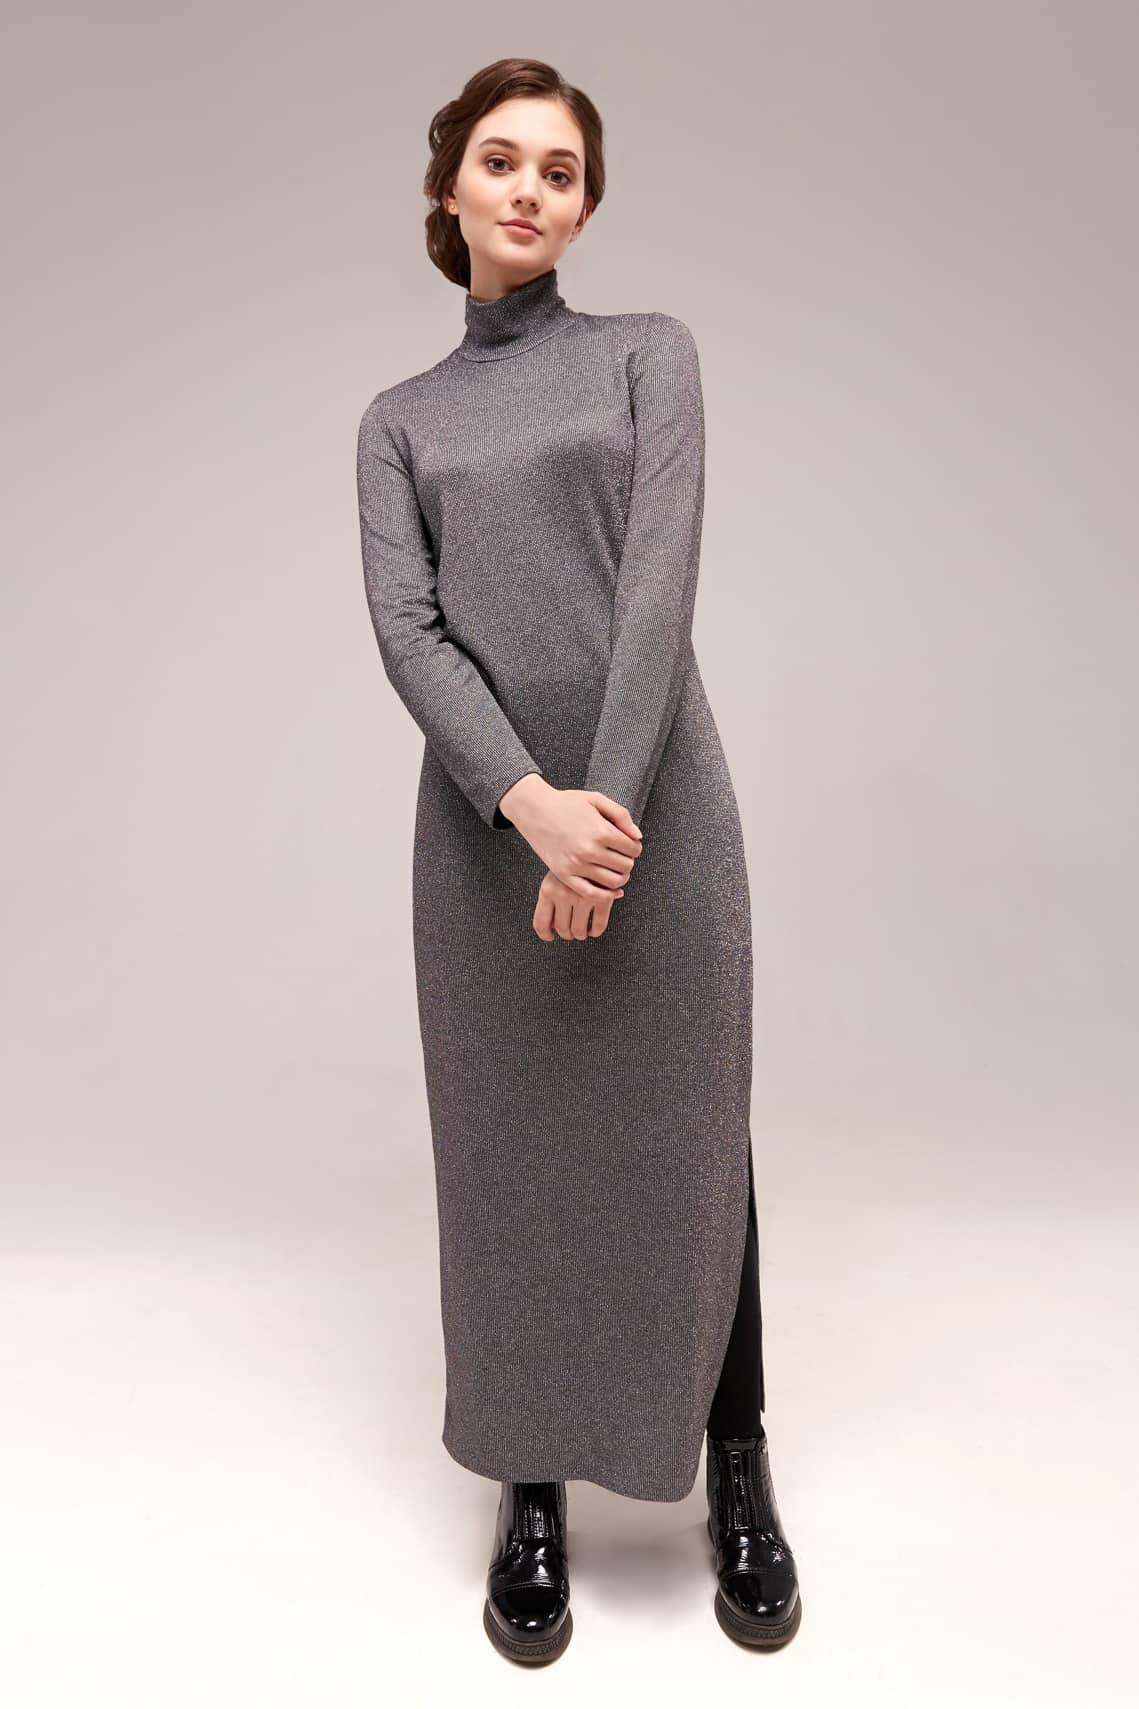 Модное платье с люрексом для девушки Top Design B7 058